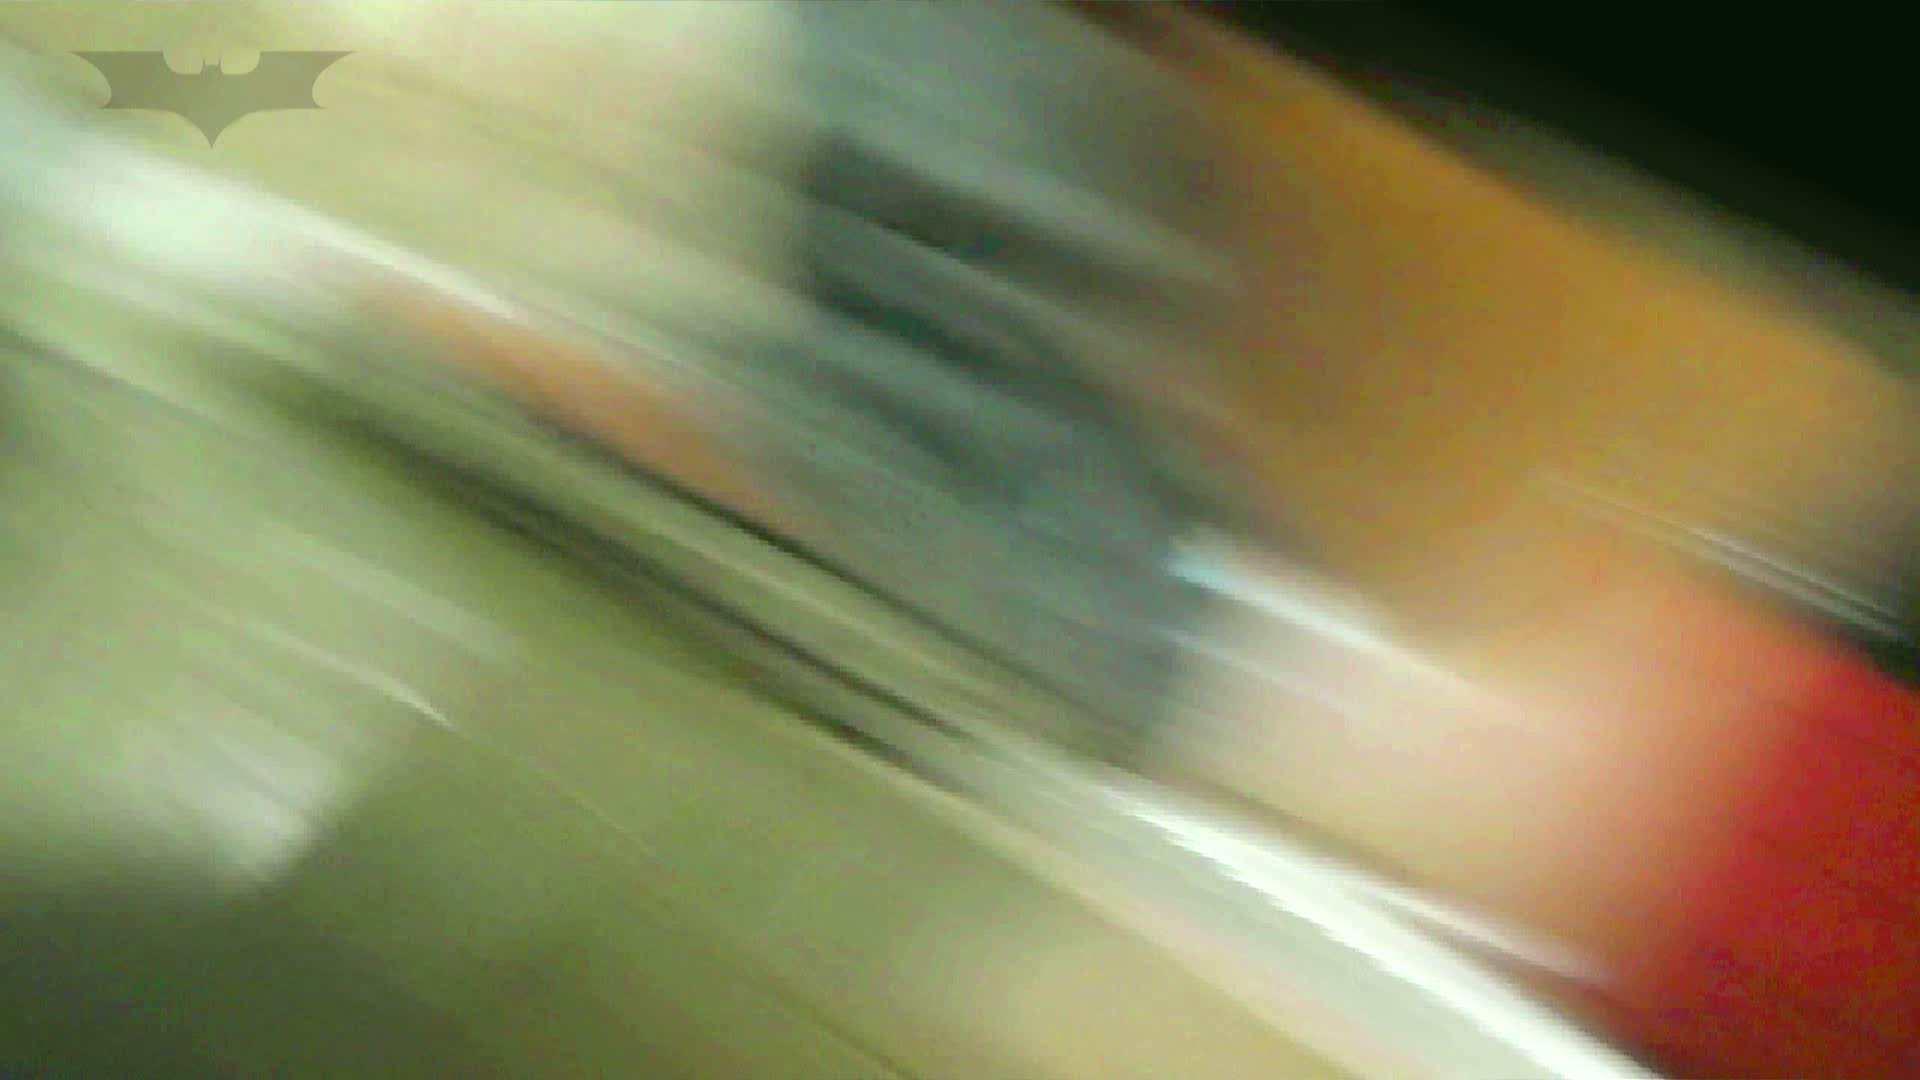 ステーション編 vol.29 頭二つ飛び出る180cm長身モデル 洗面所のぞき オメコ無修正動画無料 111枚 54